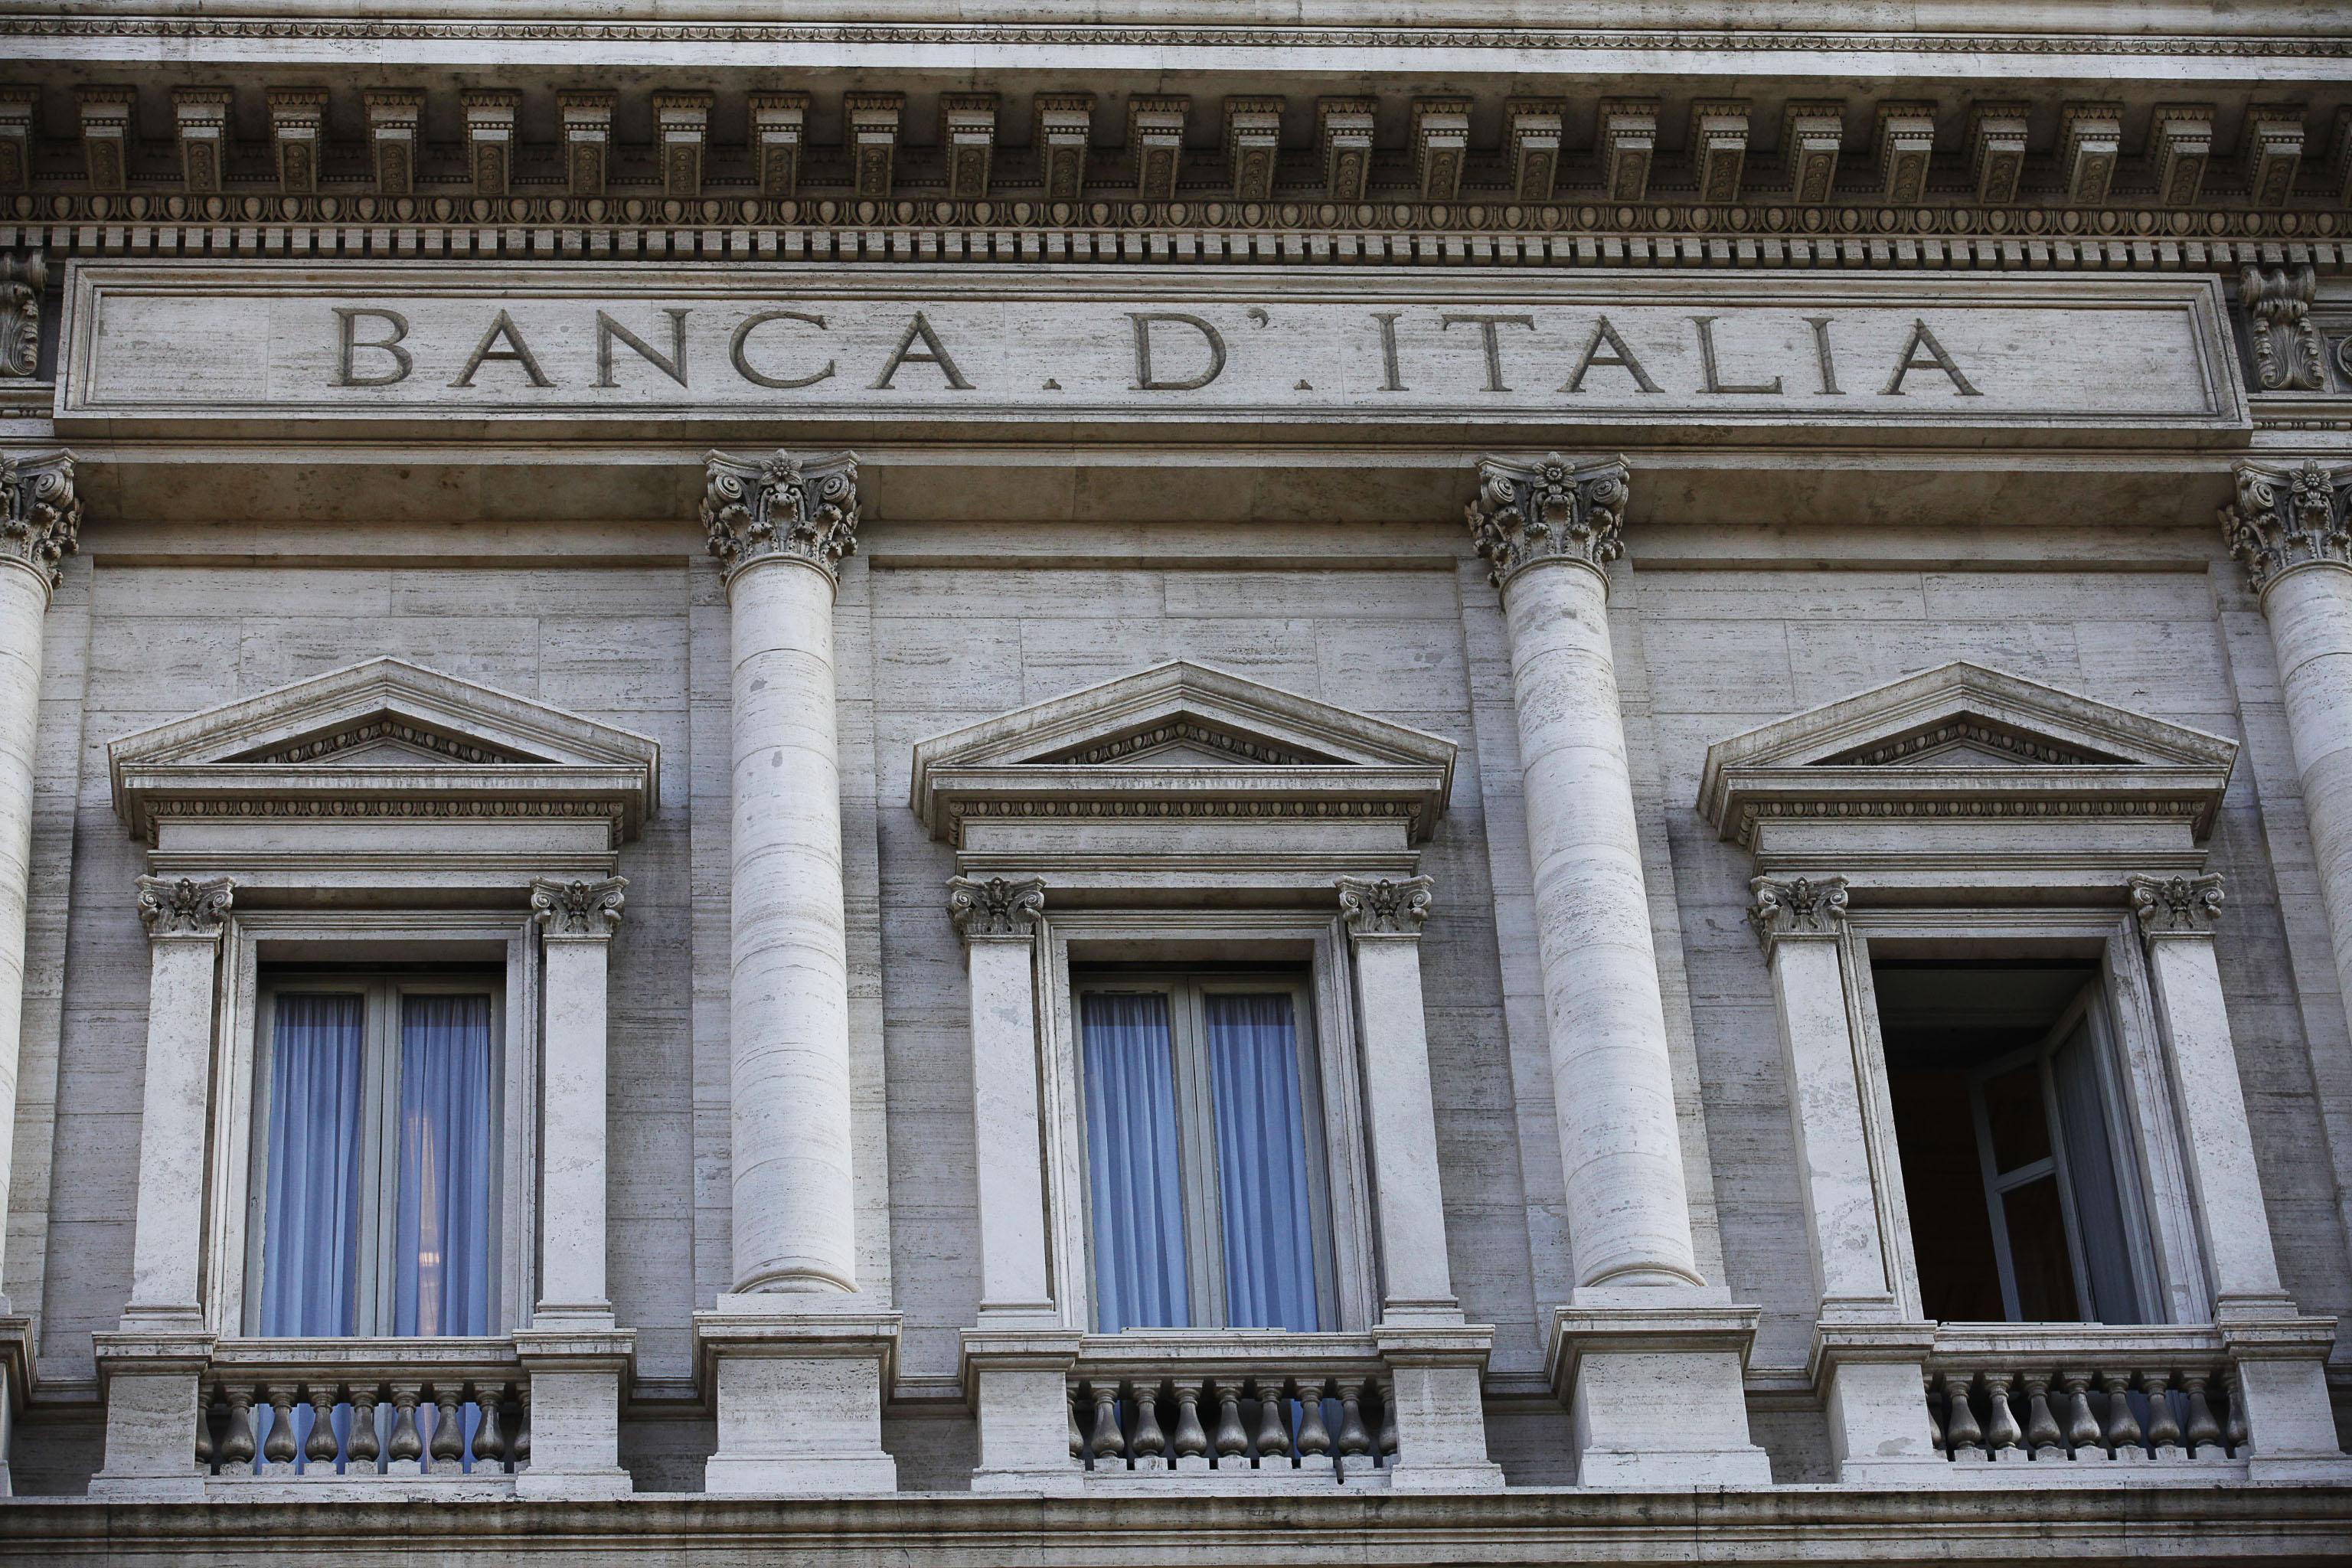 密件抄送,這是意大利銀行應採取的干預措施